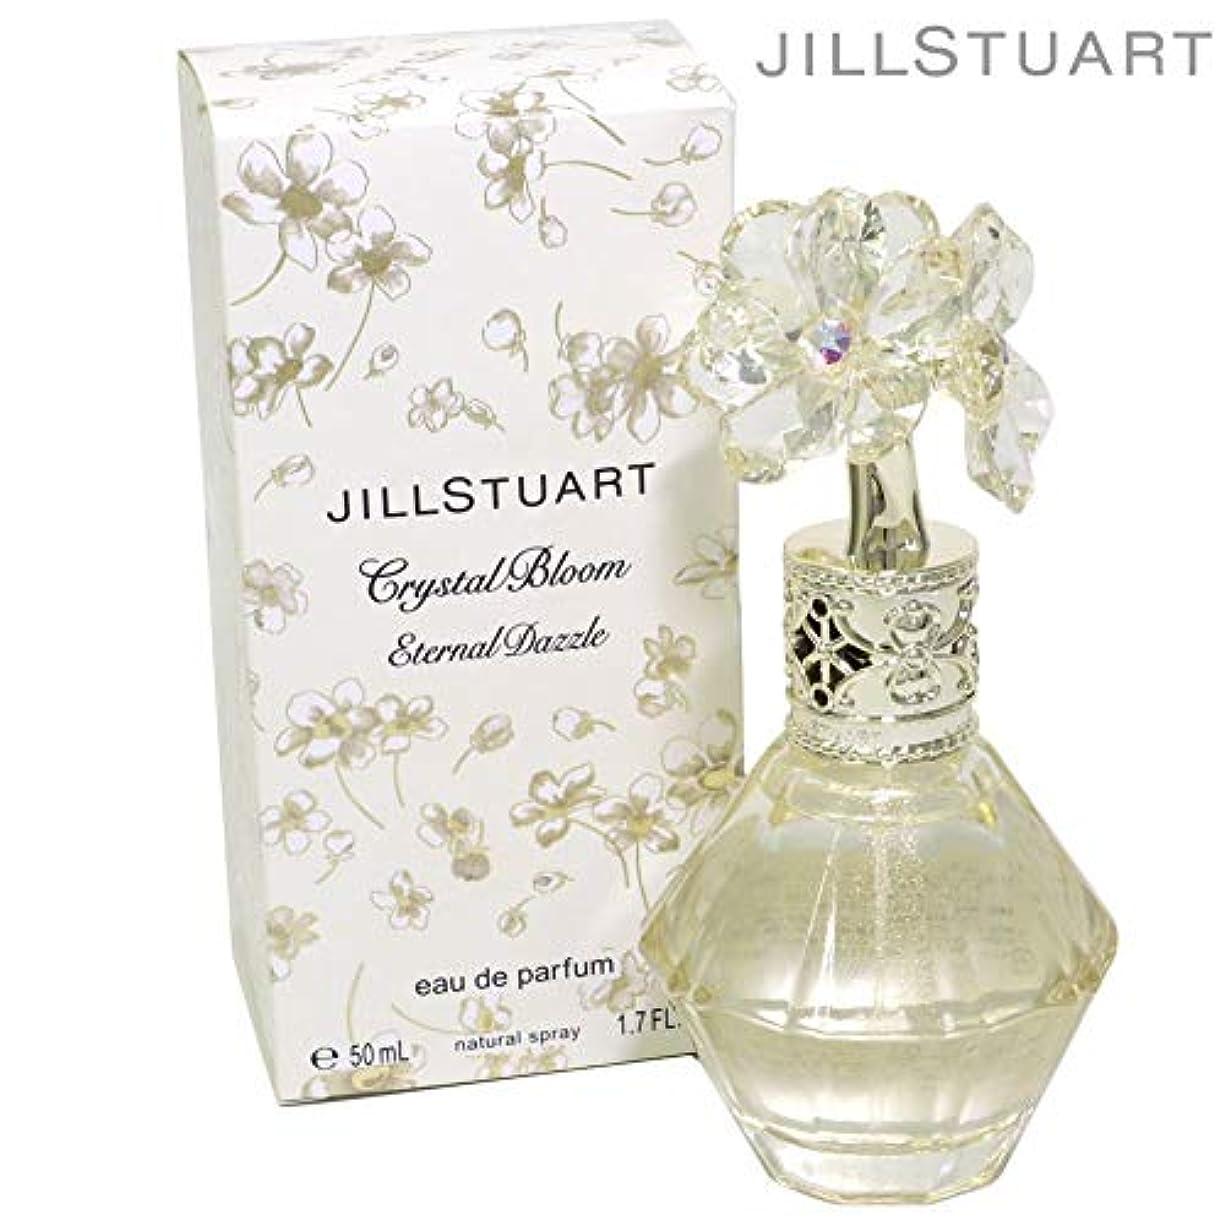 入力練習単にJILL STUART(ジルスチュアート) クリスタルブルーム エターナルダズル オードパルファン 50ml 『Crystal Bloom Eternal Dazzle eau de parfum』